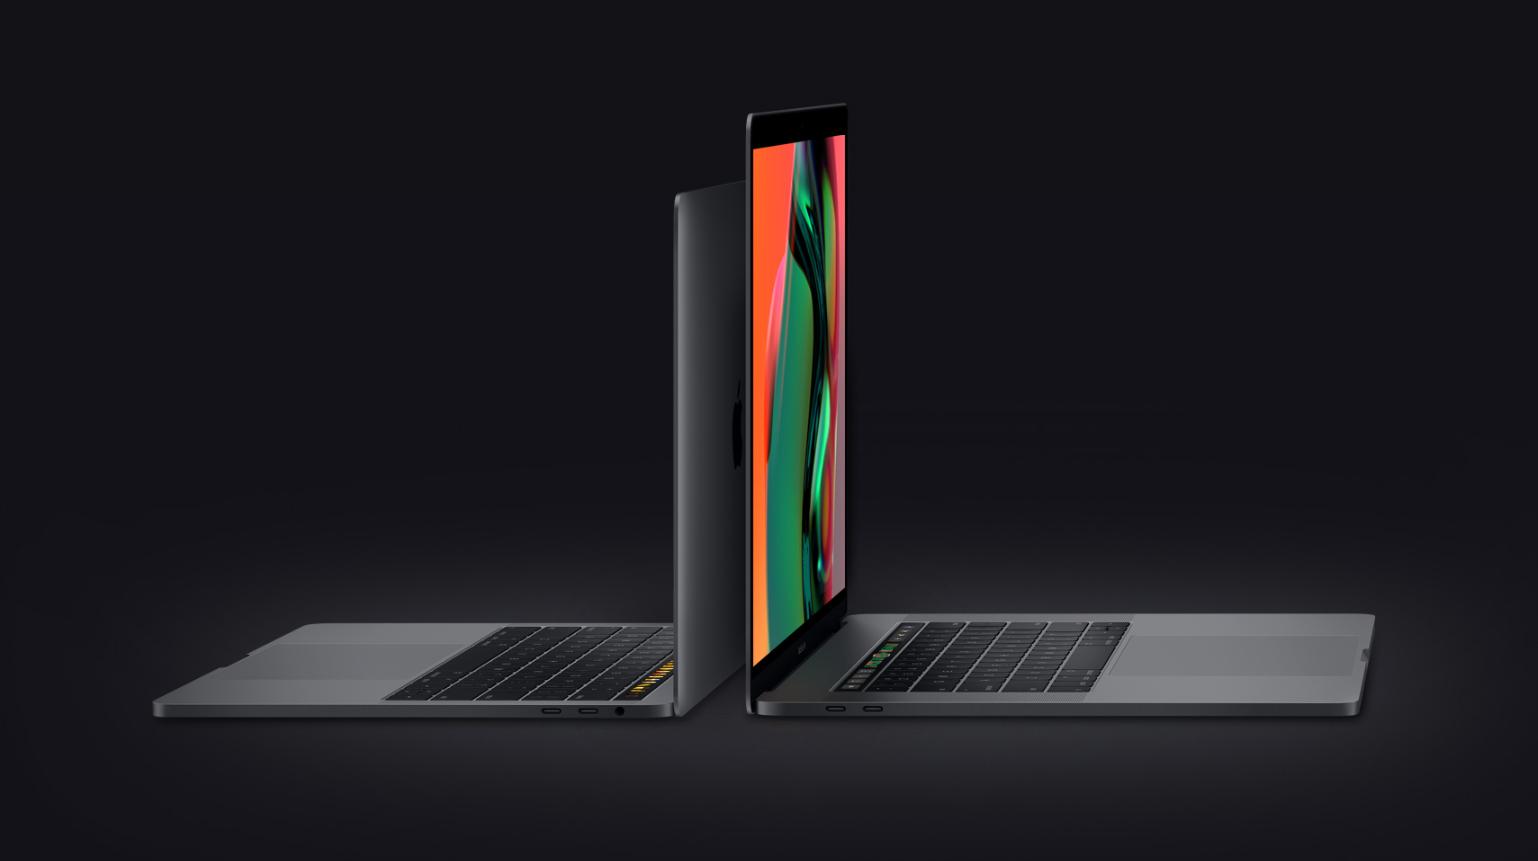 Ông đồng Ming-Chi Kuo: MacBook Pro mới sẽ có thiết kế phẳng như iPhone 12 - Ảnh 1.